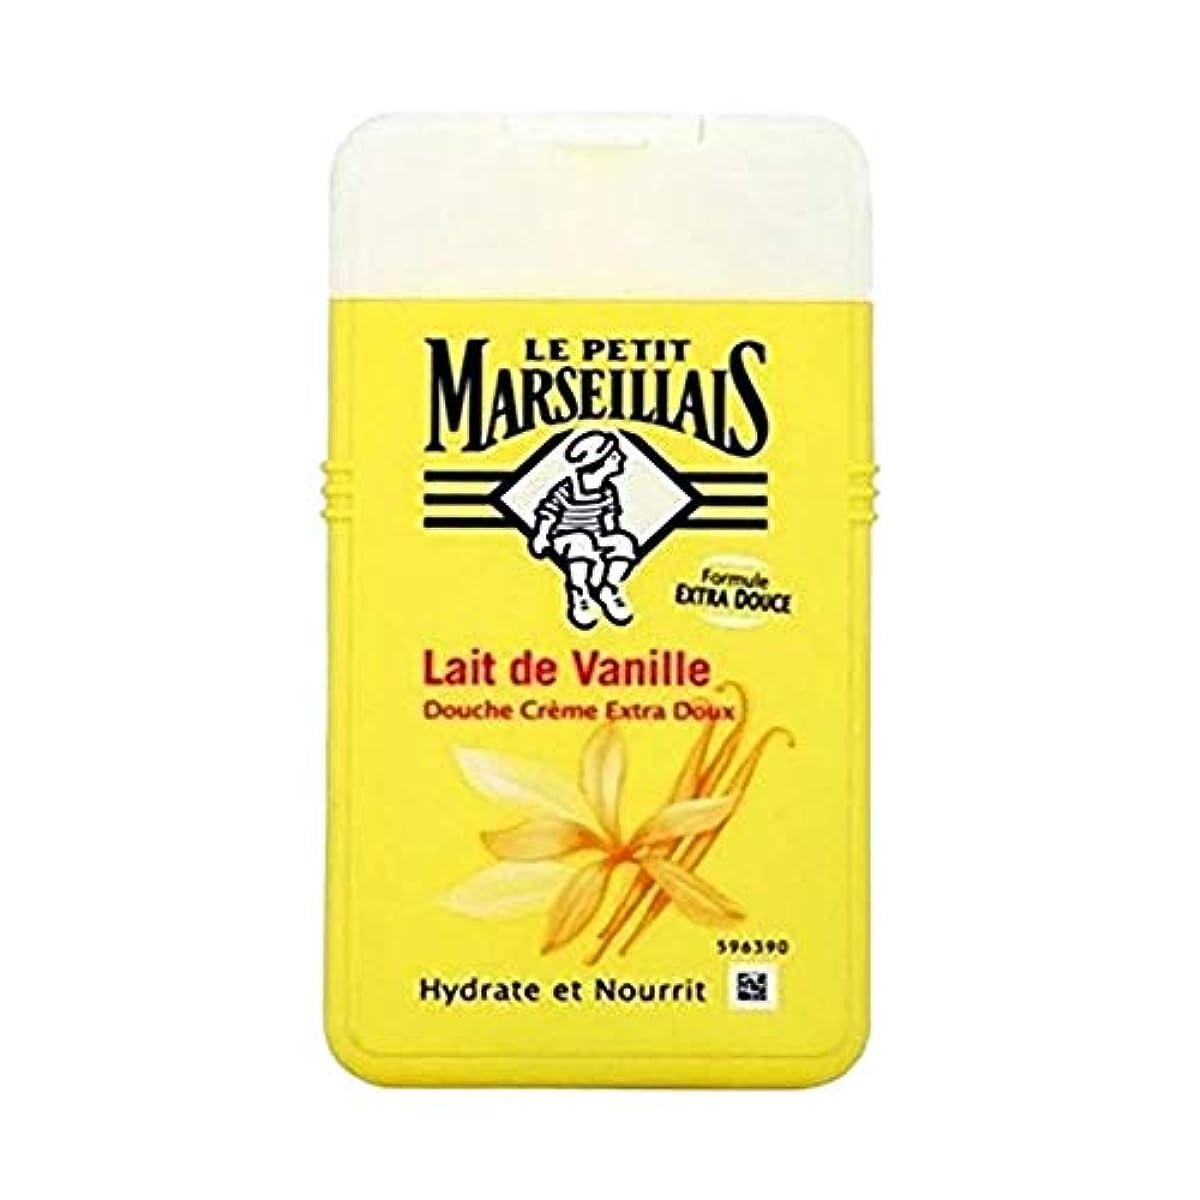 ル?プティ?マルセイユ (Le Petit Marseillais) バニラミルク シャワークリーム ボディウォッシュ 250ml